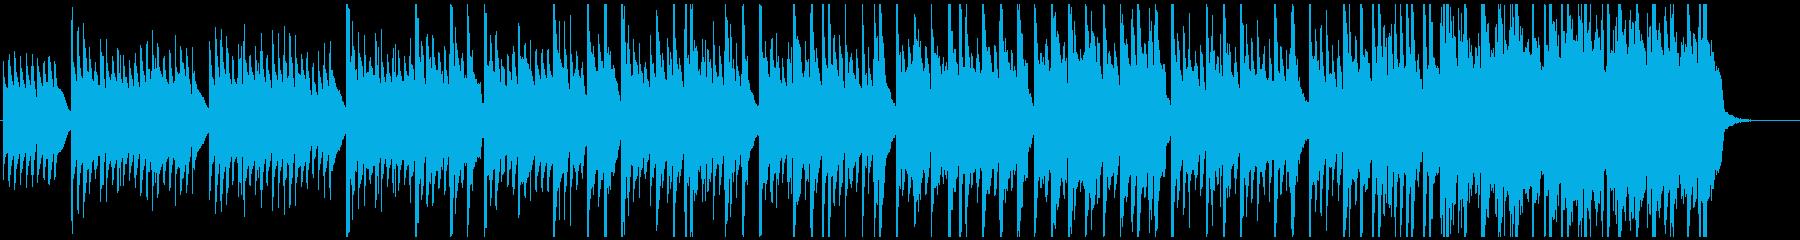 静かめなファンタジー曲の再生済みの波形